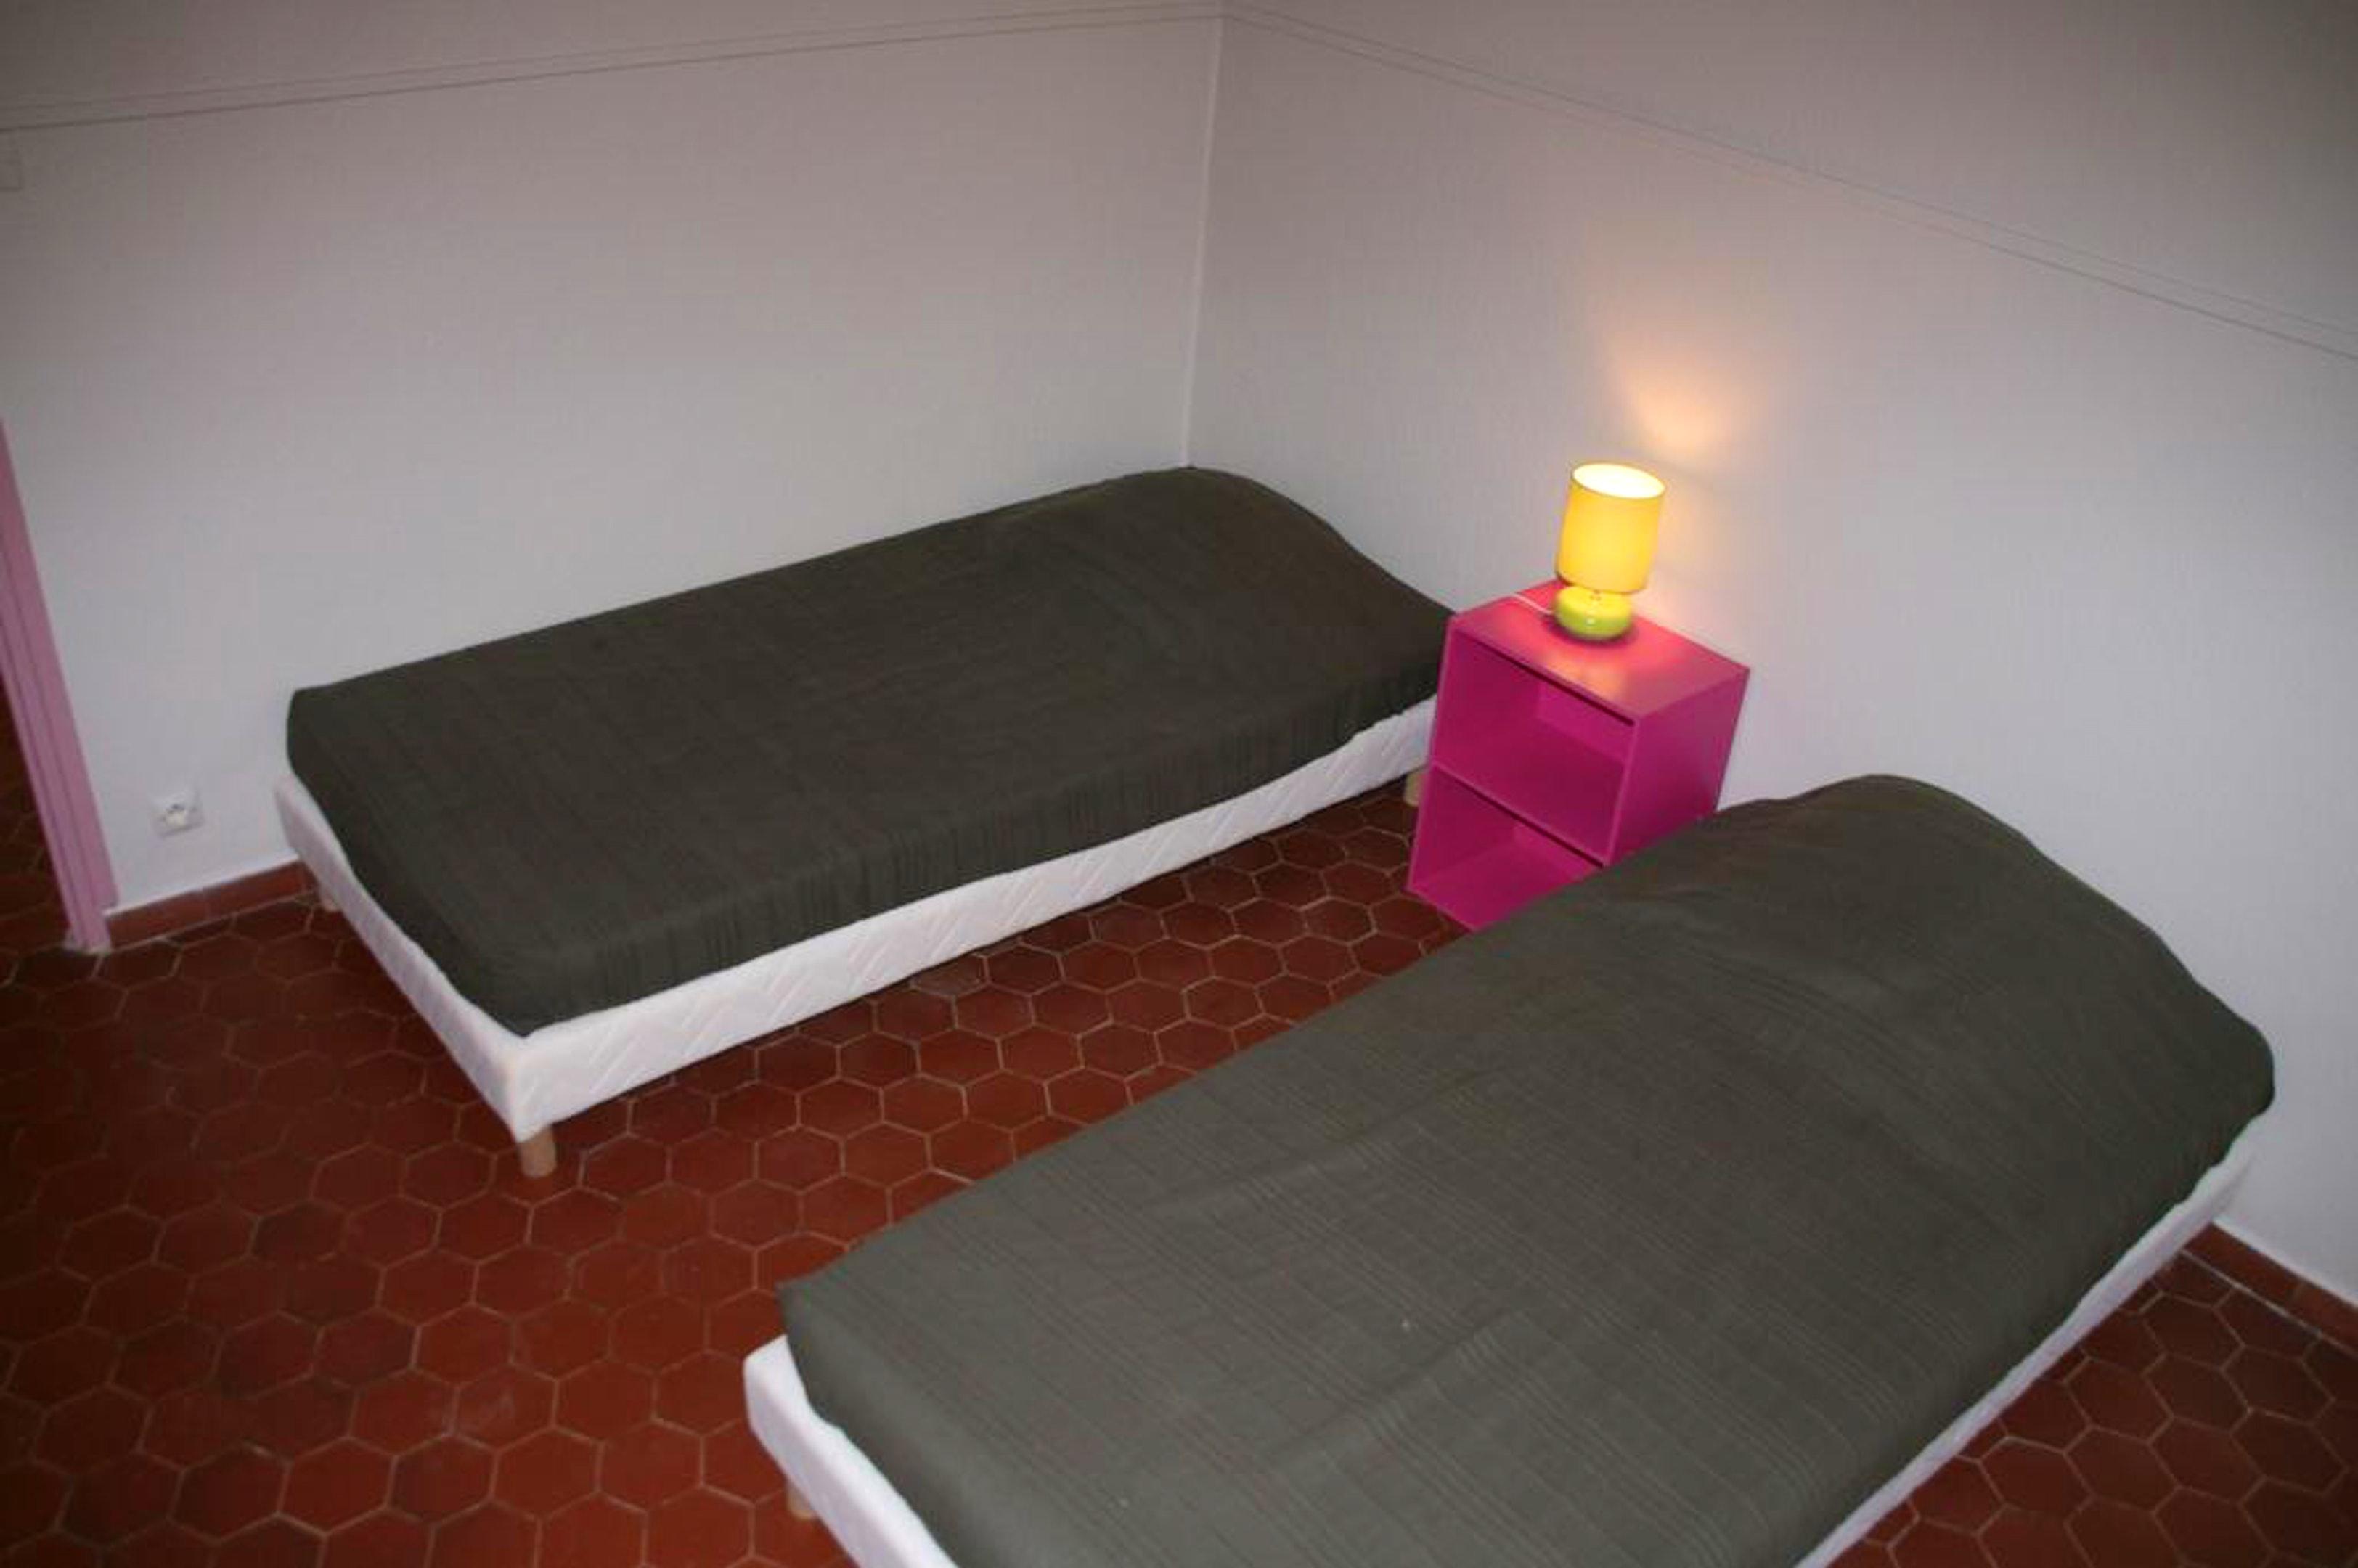 Ferienhaus Haus mit 2 Schlafzimmern in Puy-l'Évêque mit Pool, eingezäuntem Garten und W-LAN (2701052), Puy l'Évêque, Lot, Midi-Pyrénées, Frankreich, Bild 5